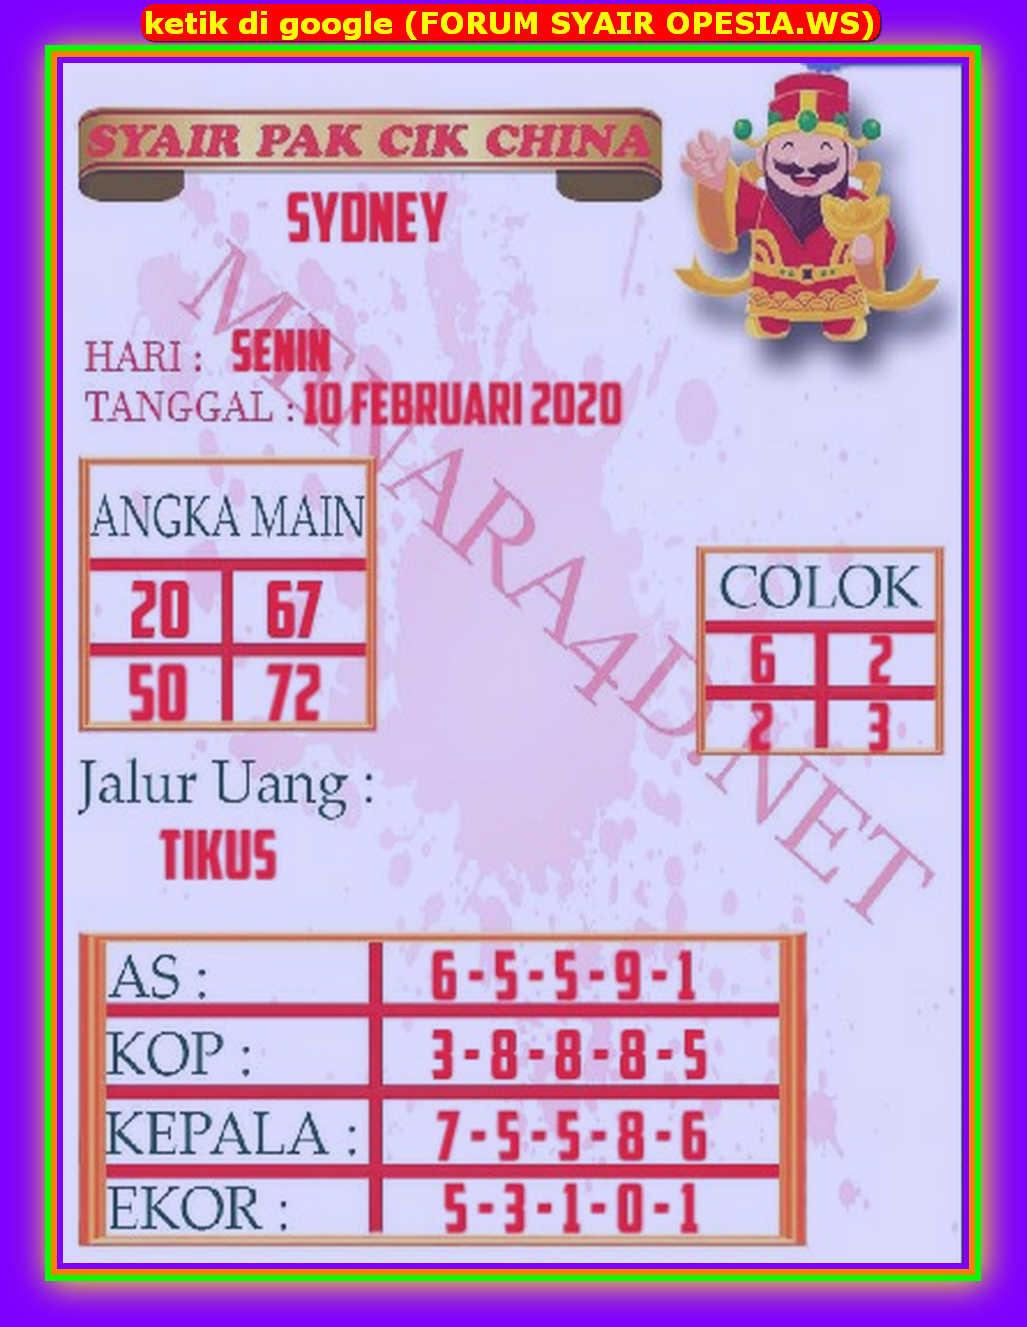 Kode syair Sydney Senin 10 Februari 2020 98